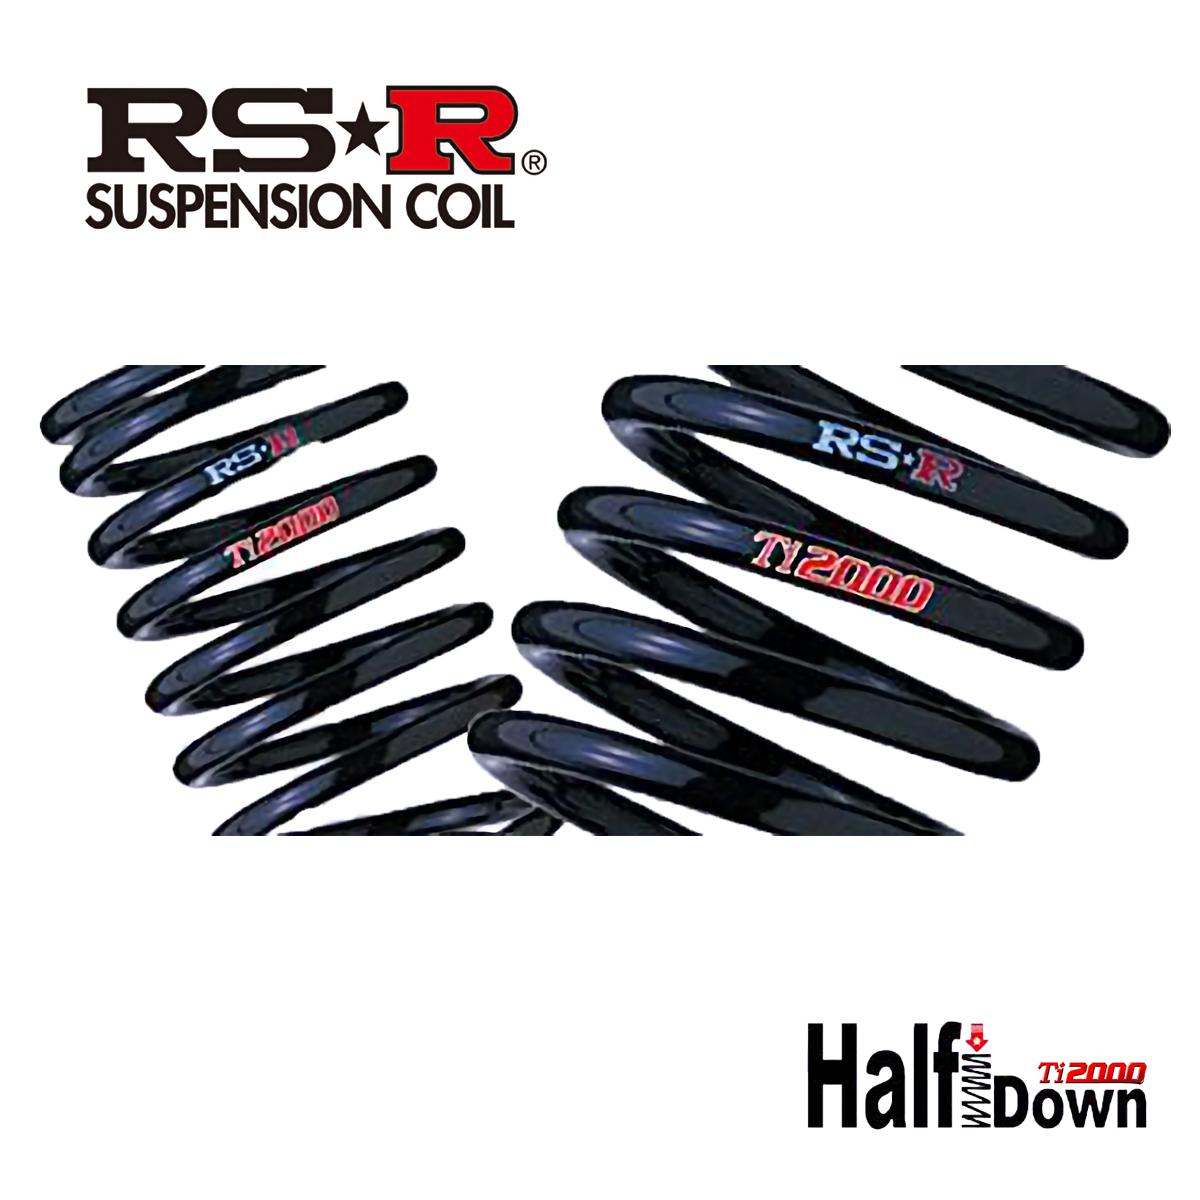 RS-R キャスト スポーツSA2 LA250S ダウンサス スプリング 1台分 D251TD Ti2000 ダウン RSR 個人宅発送追金有